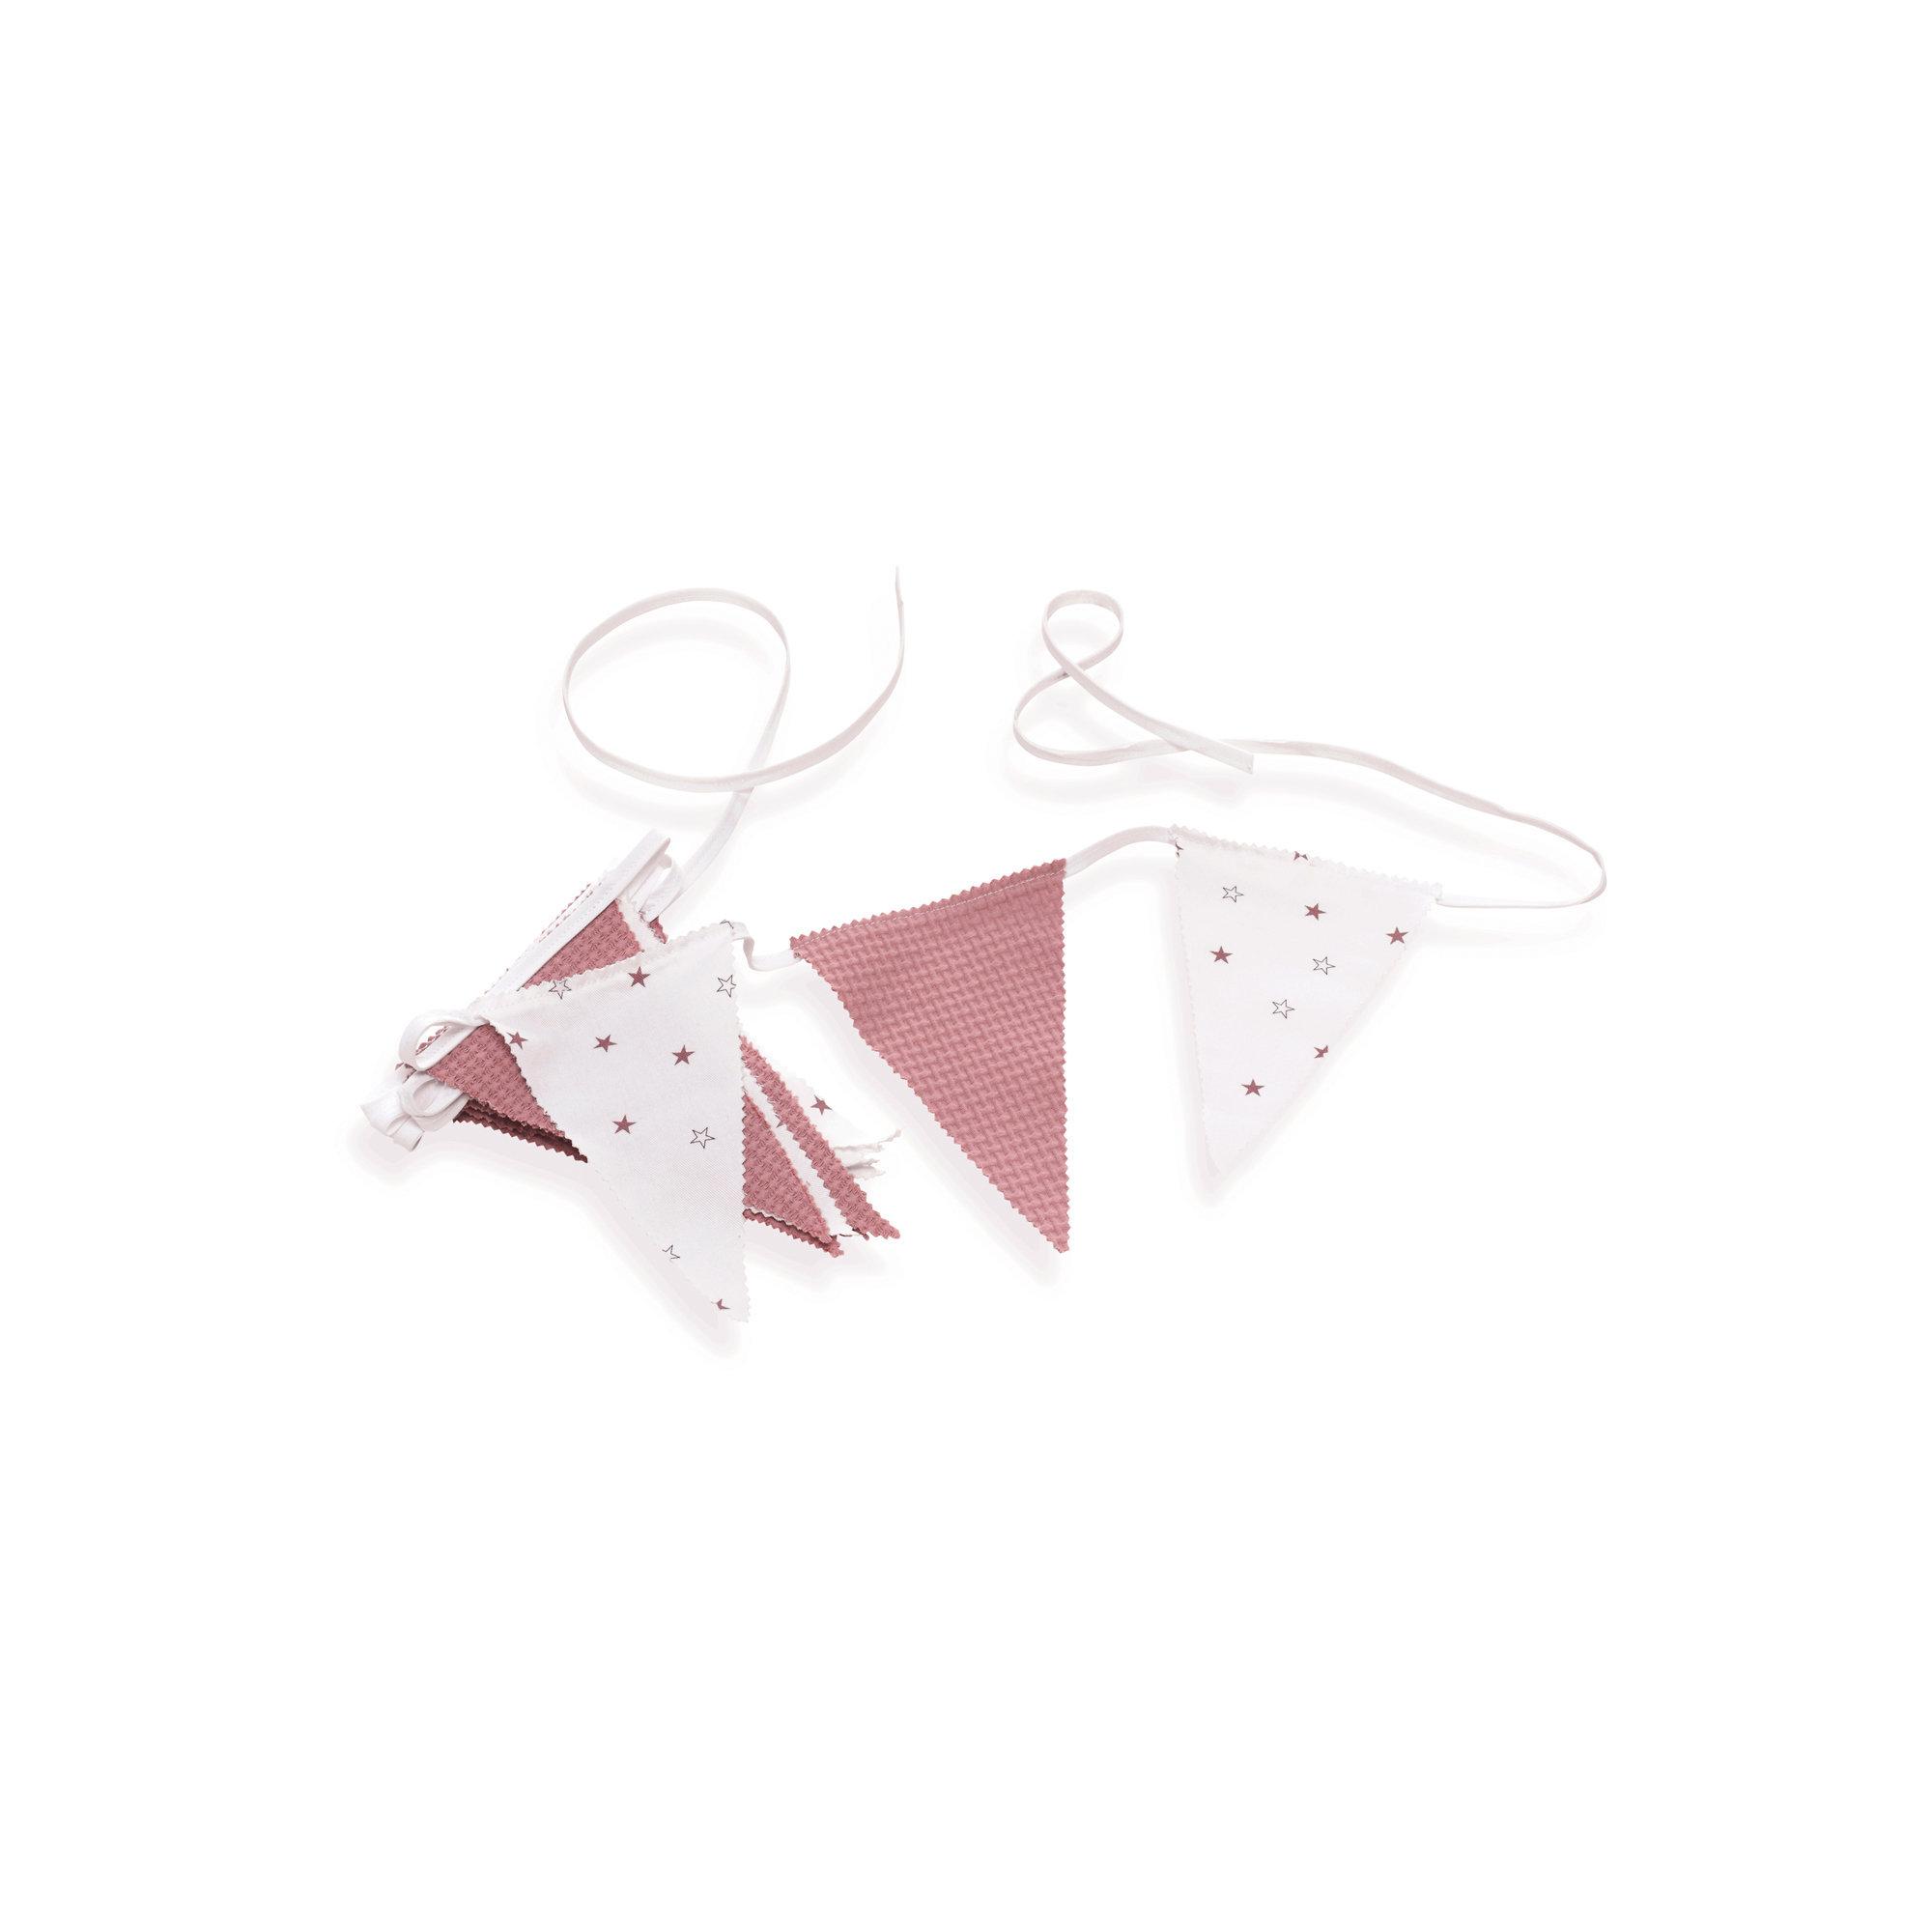 Guirnalda decorativa para habitación de bebé en color rosado y blanco